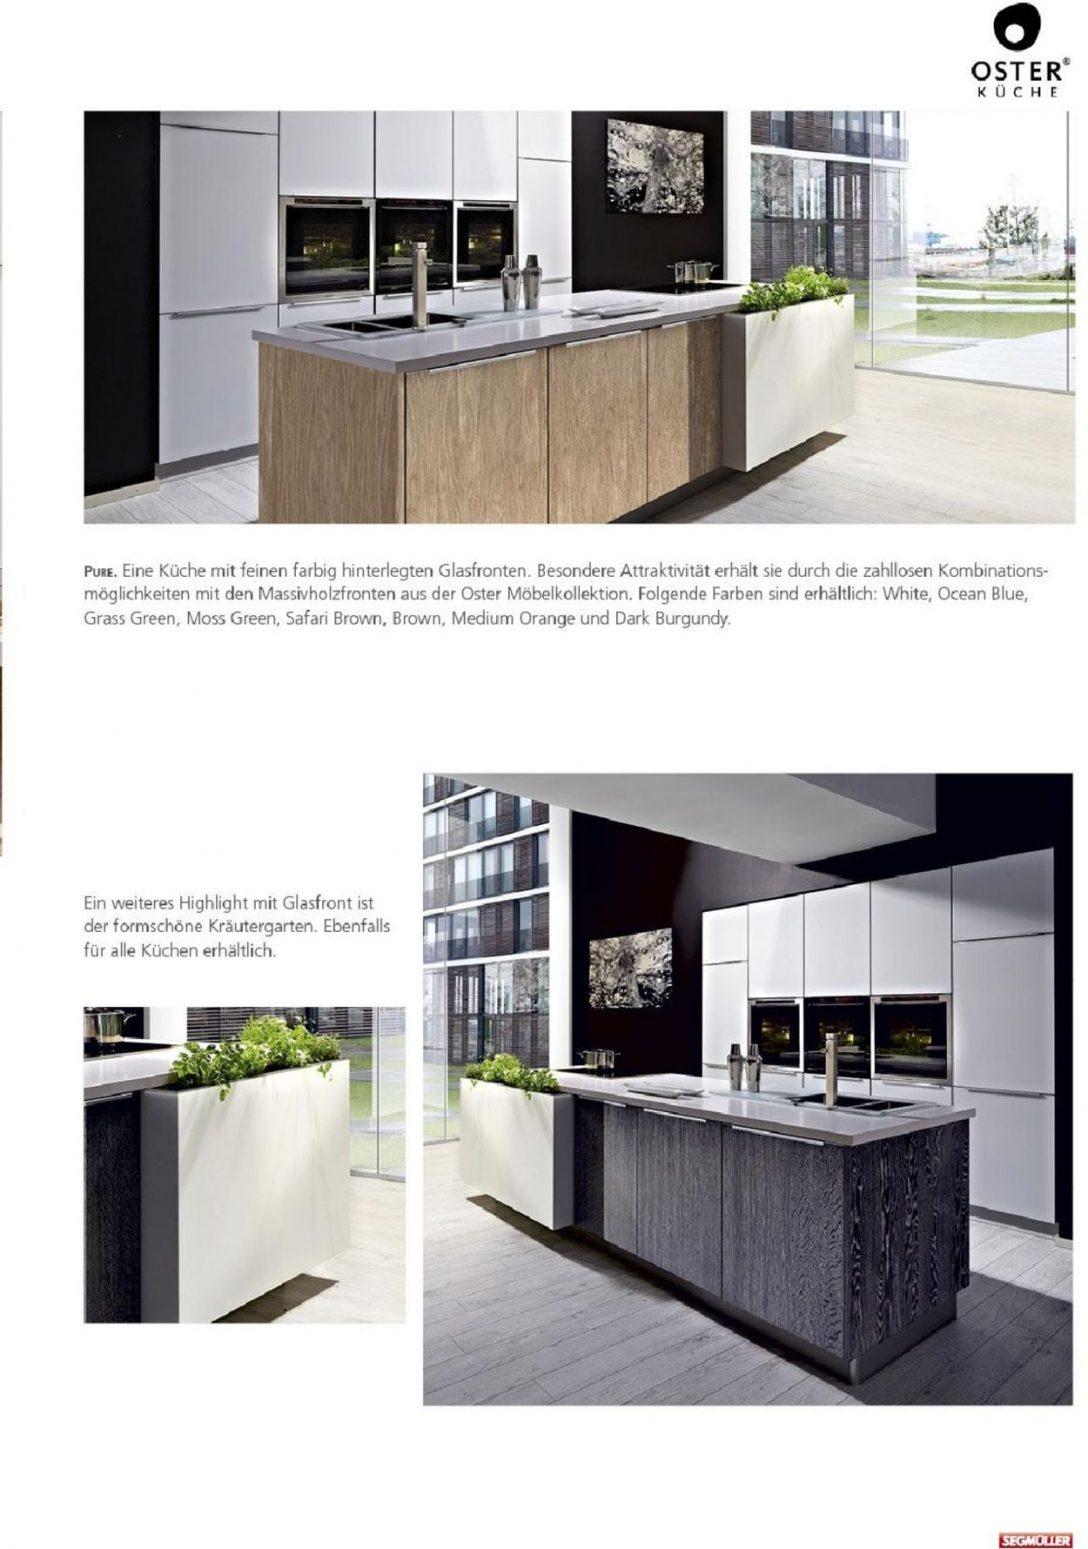 Full Size of Segmüller Küchen Segmller Kommoden Megastore Kchen Quelle Genial Kche Regal Küche Wohnzimmer Segmüller Küchen